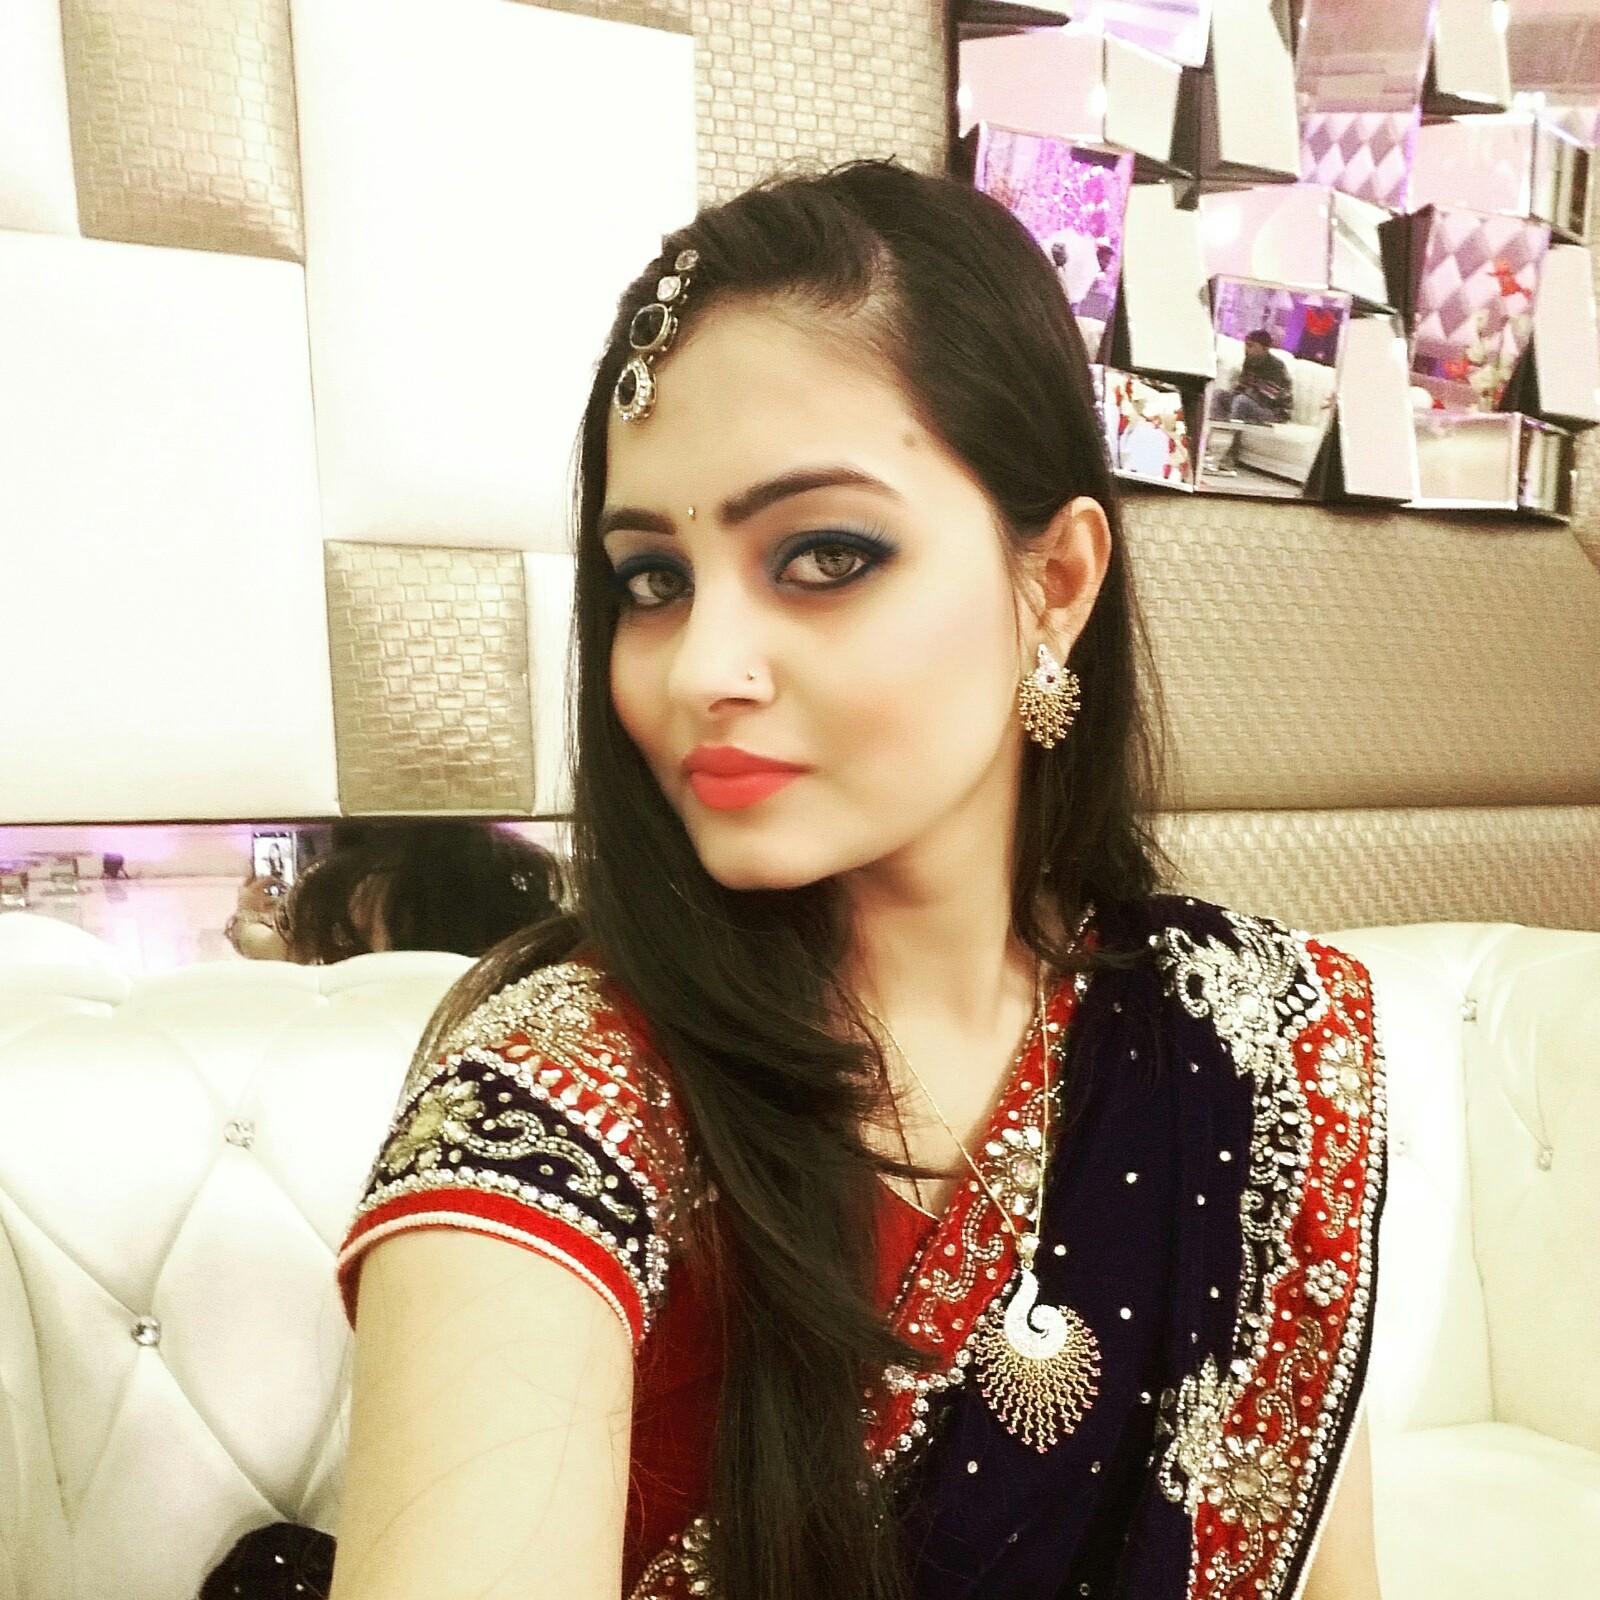 डेंटल सर्जन हैं नेहा – नेहा पेशे से डेंटल सर्जन हैं। पब्लिक हेल्थ डेंटिस्ट्री में मास्टर्स कर रहीं नेहा ने आर्मी डॉक्टर से शादी की है। – नेहा ने फरवरी 2017 में बैंकॉक के पटाया में आयोजित माइल स्टोन मिस एण्ड मिसेज इंडिया इंटरनेशनल में मिसेज इंडिया इंटरनेशनल चुनी गईं थी। वह मिसेज दिल्ली एनसीआर 2015 की फाइनलिस्ट रह चुकी हैं।